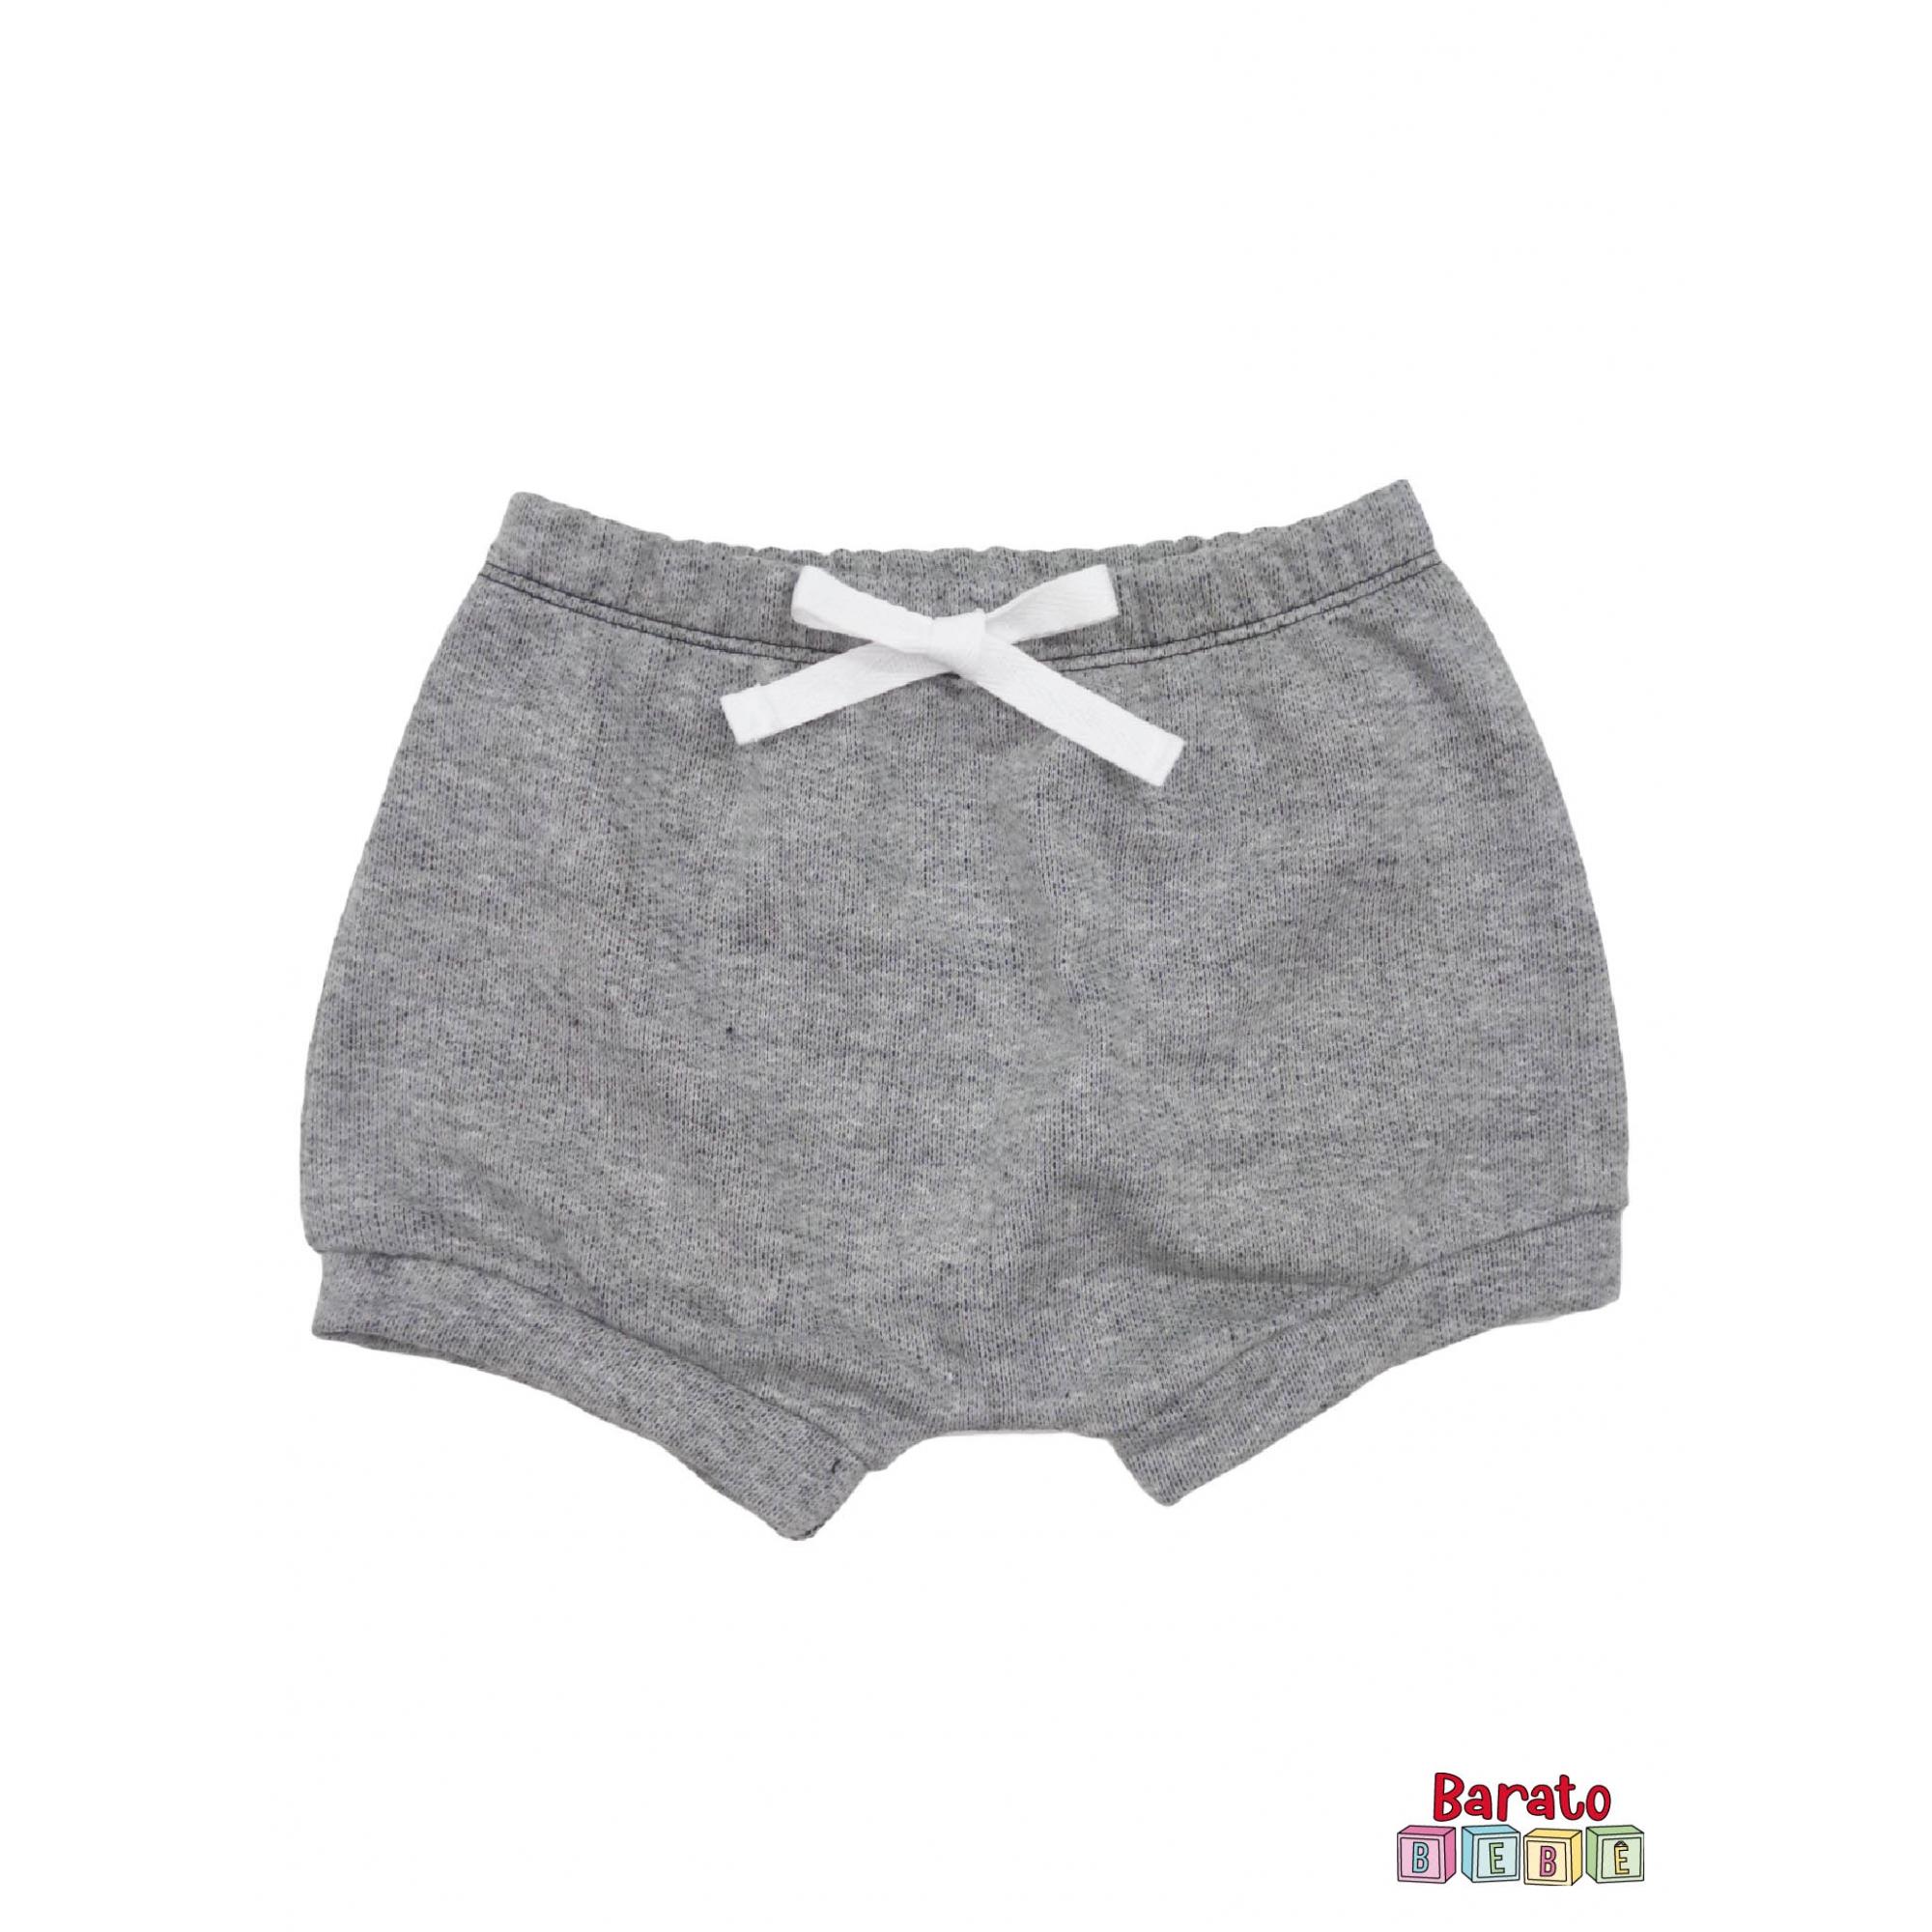 Shorts(Tapa Fralda) Bebê(P/M/G)  - Barato Bebê - Mescla Preto C/ Laço Branco